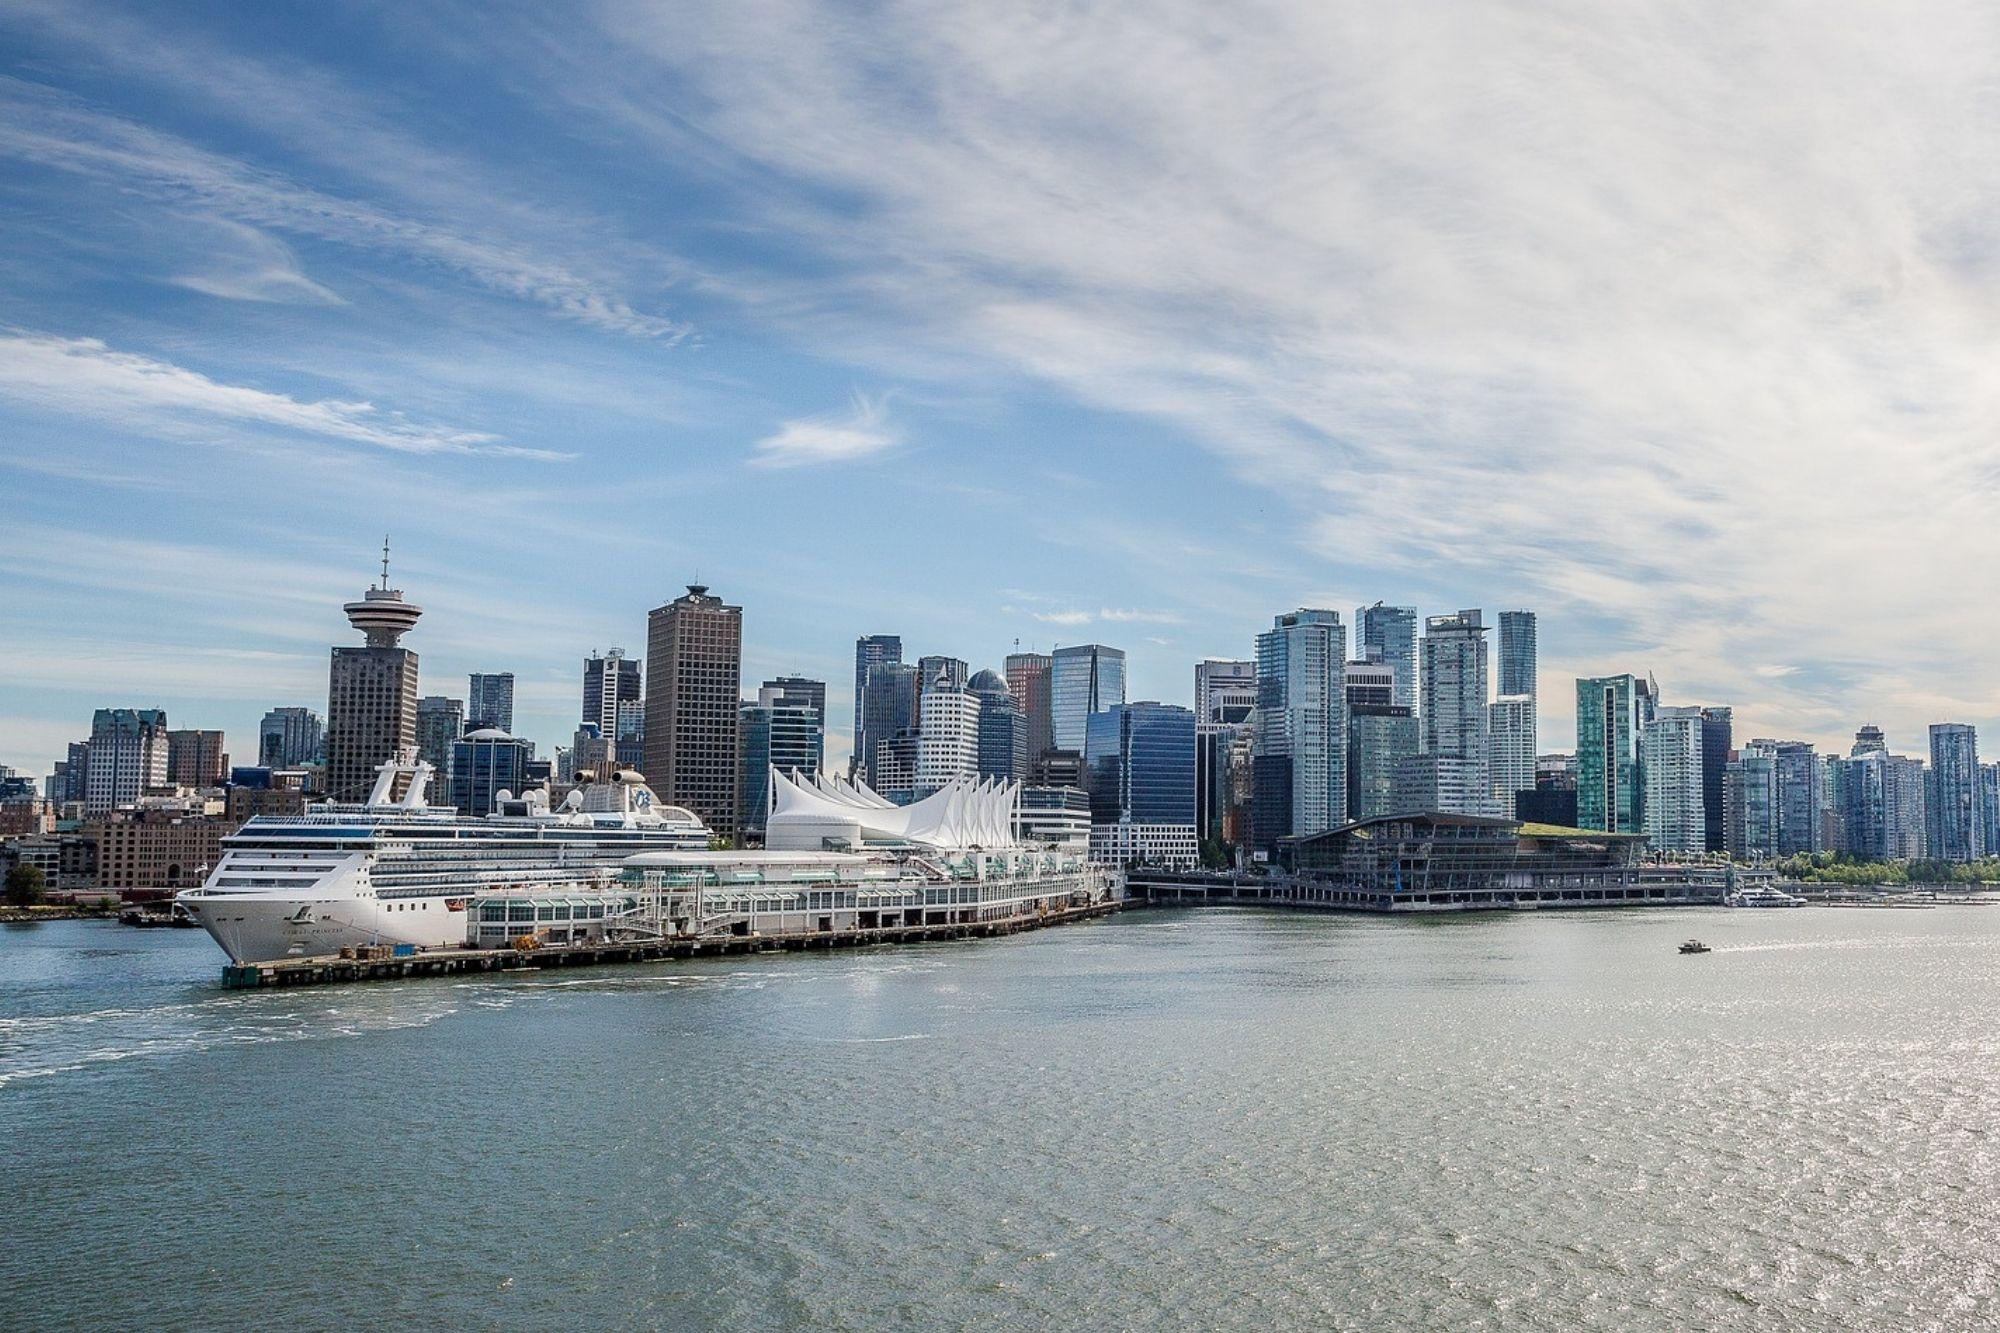 Kanada verlängert Kreuzfahrt-Verbot bis Ende Februar 2022